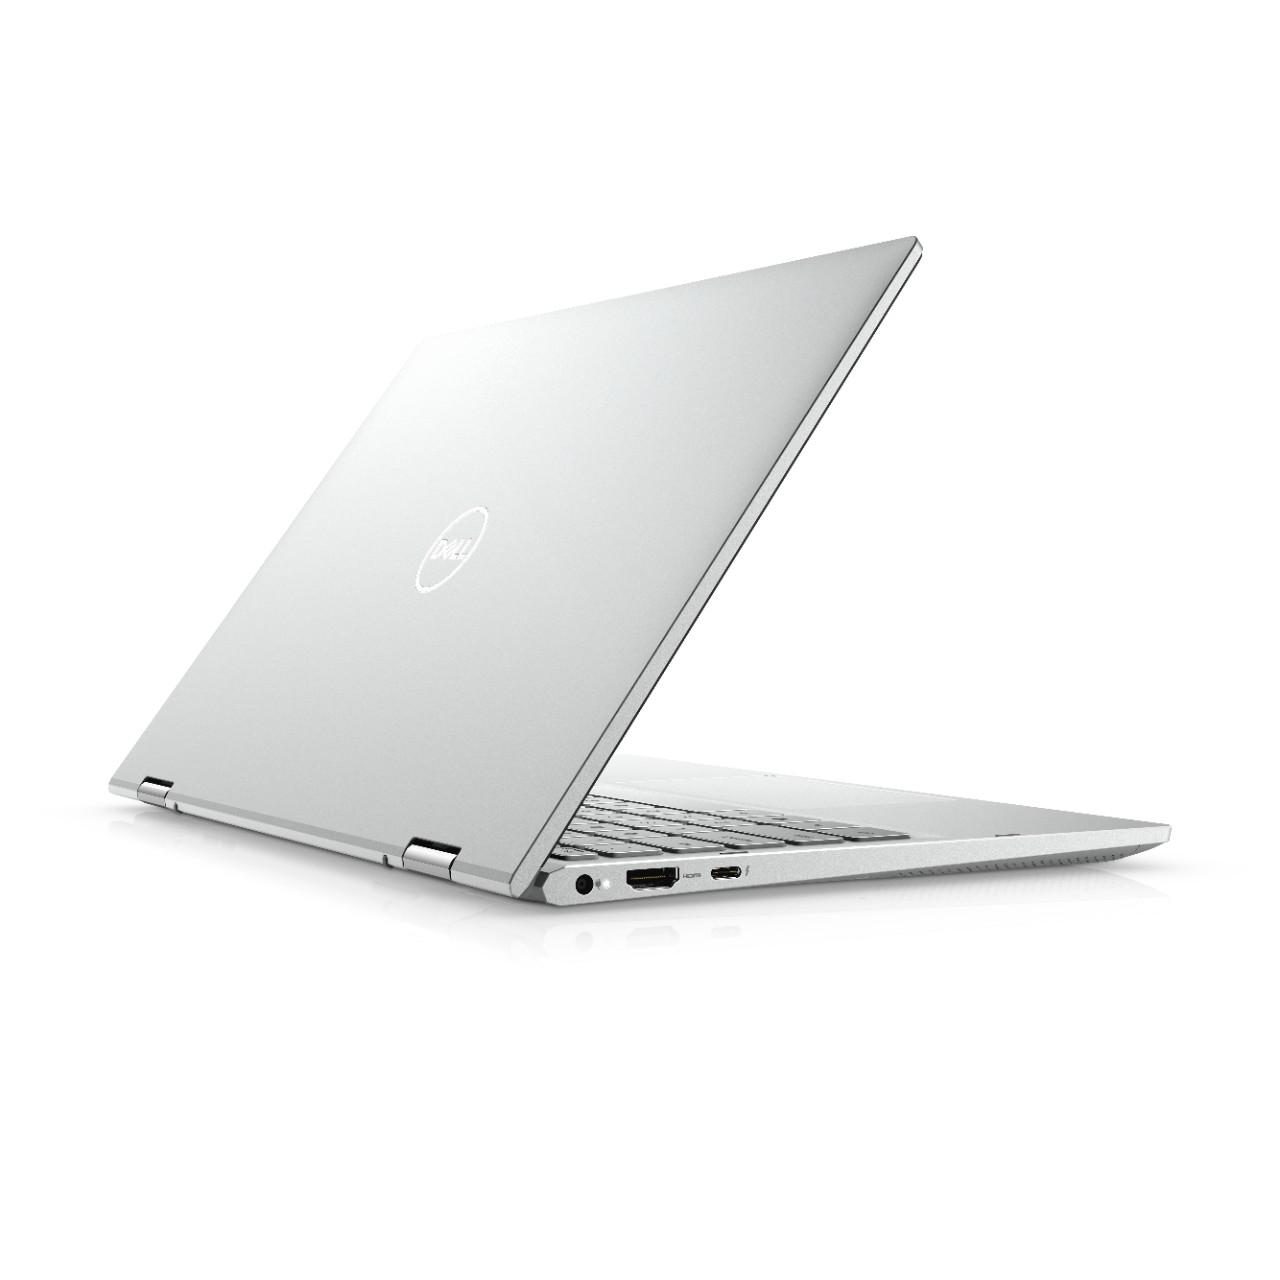 Dell Inspiron 7306 13